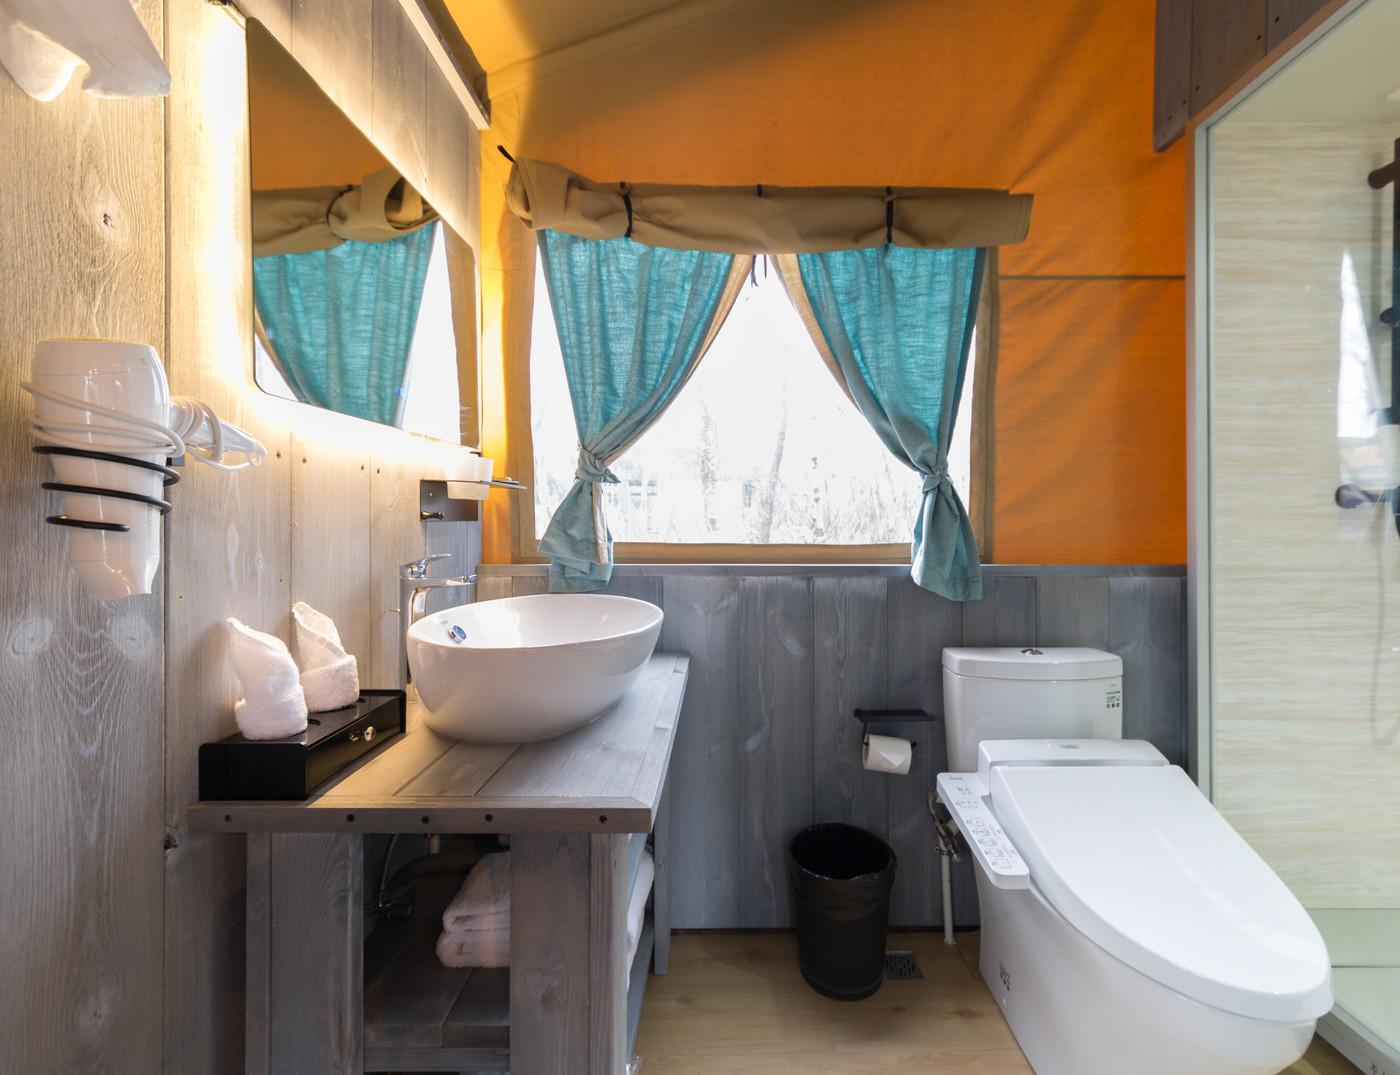 喜马拉雅上海迪士尼邻家营地子母房平地帐篷酒店25